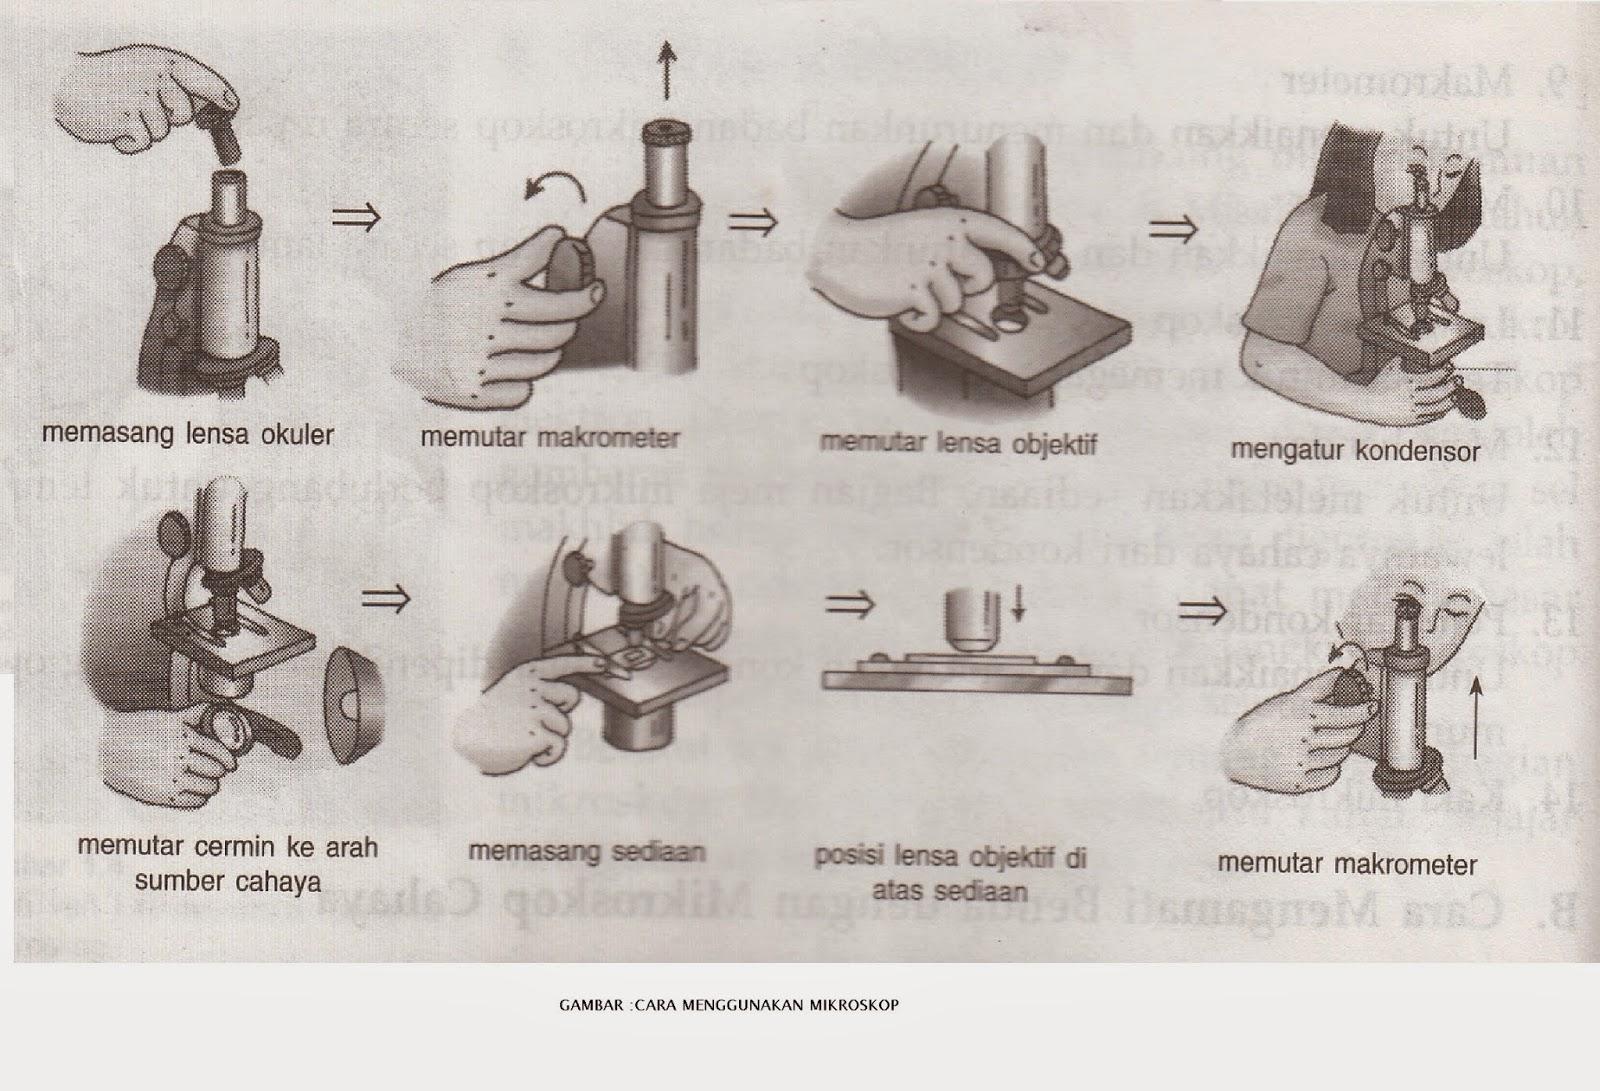 cara menggunakan, pengertian dan bagian-bagian mikroskop beserta fungsi-fungsinya